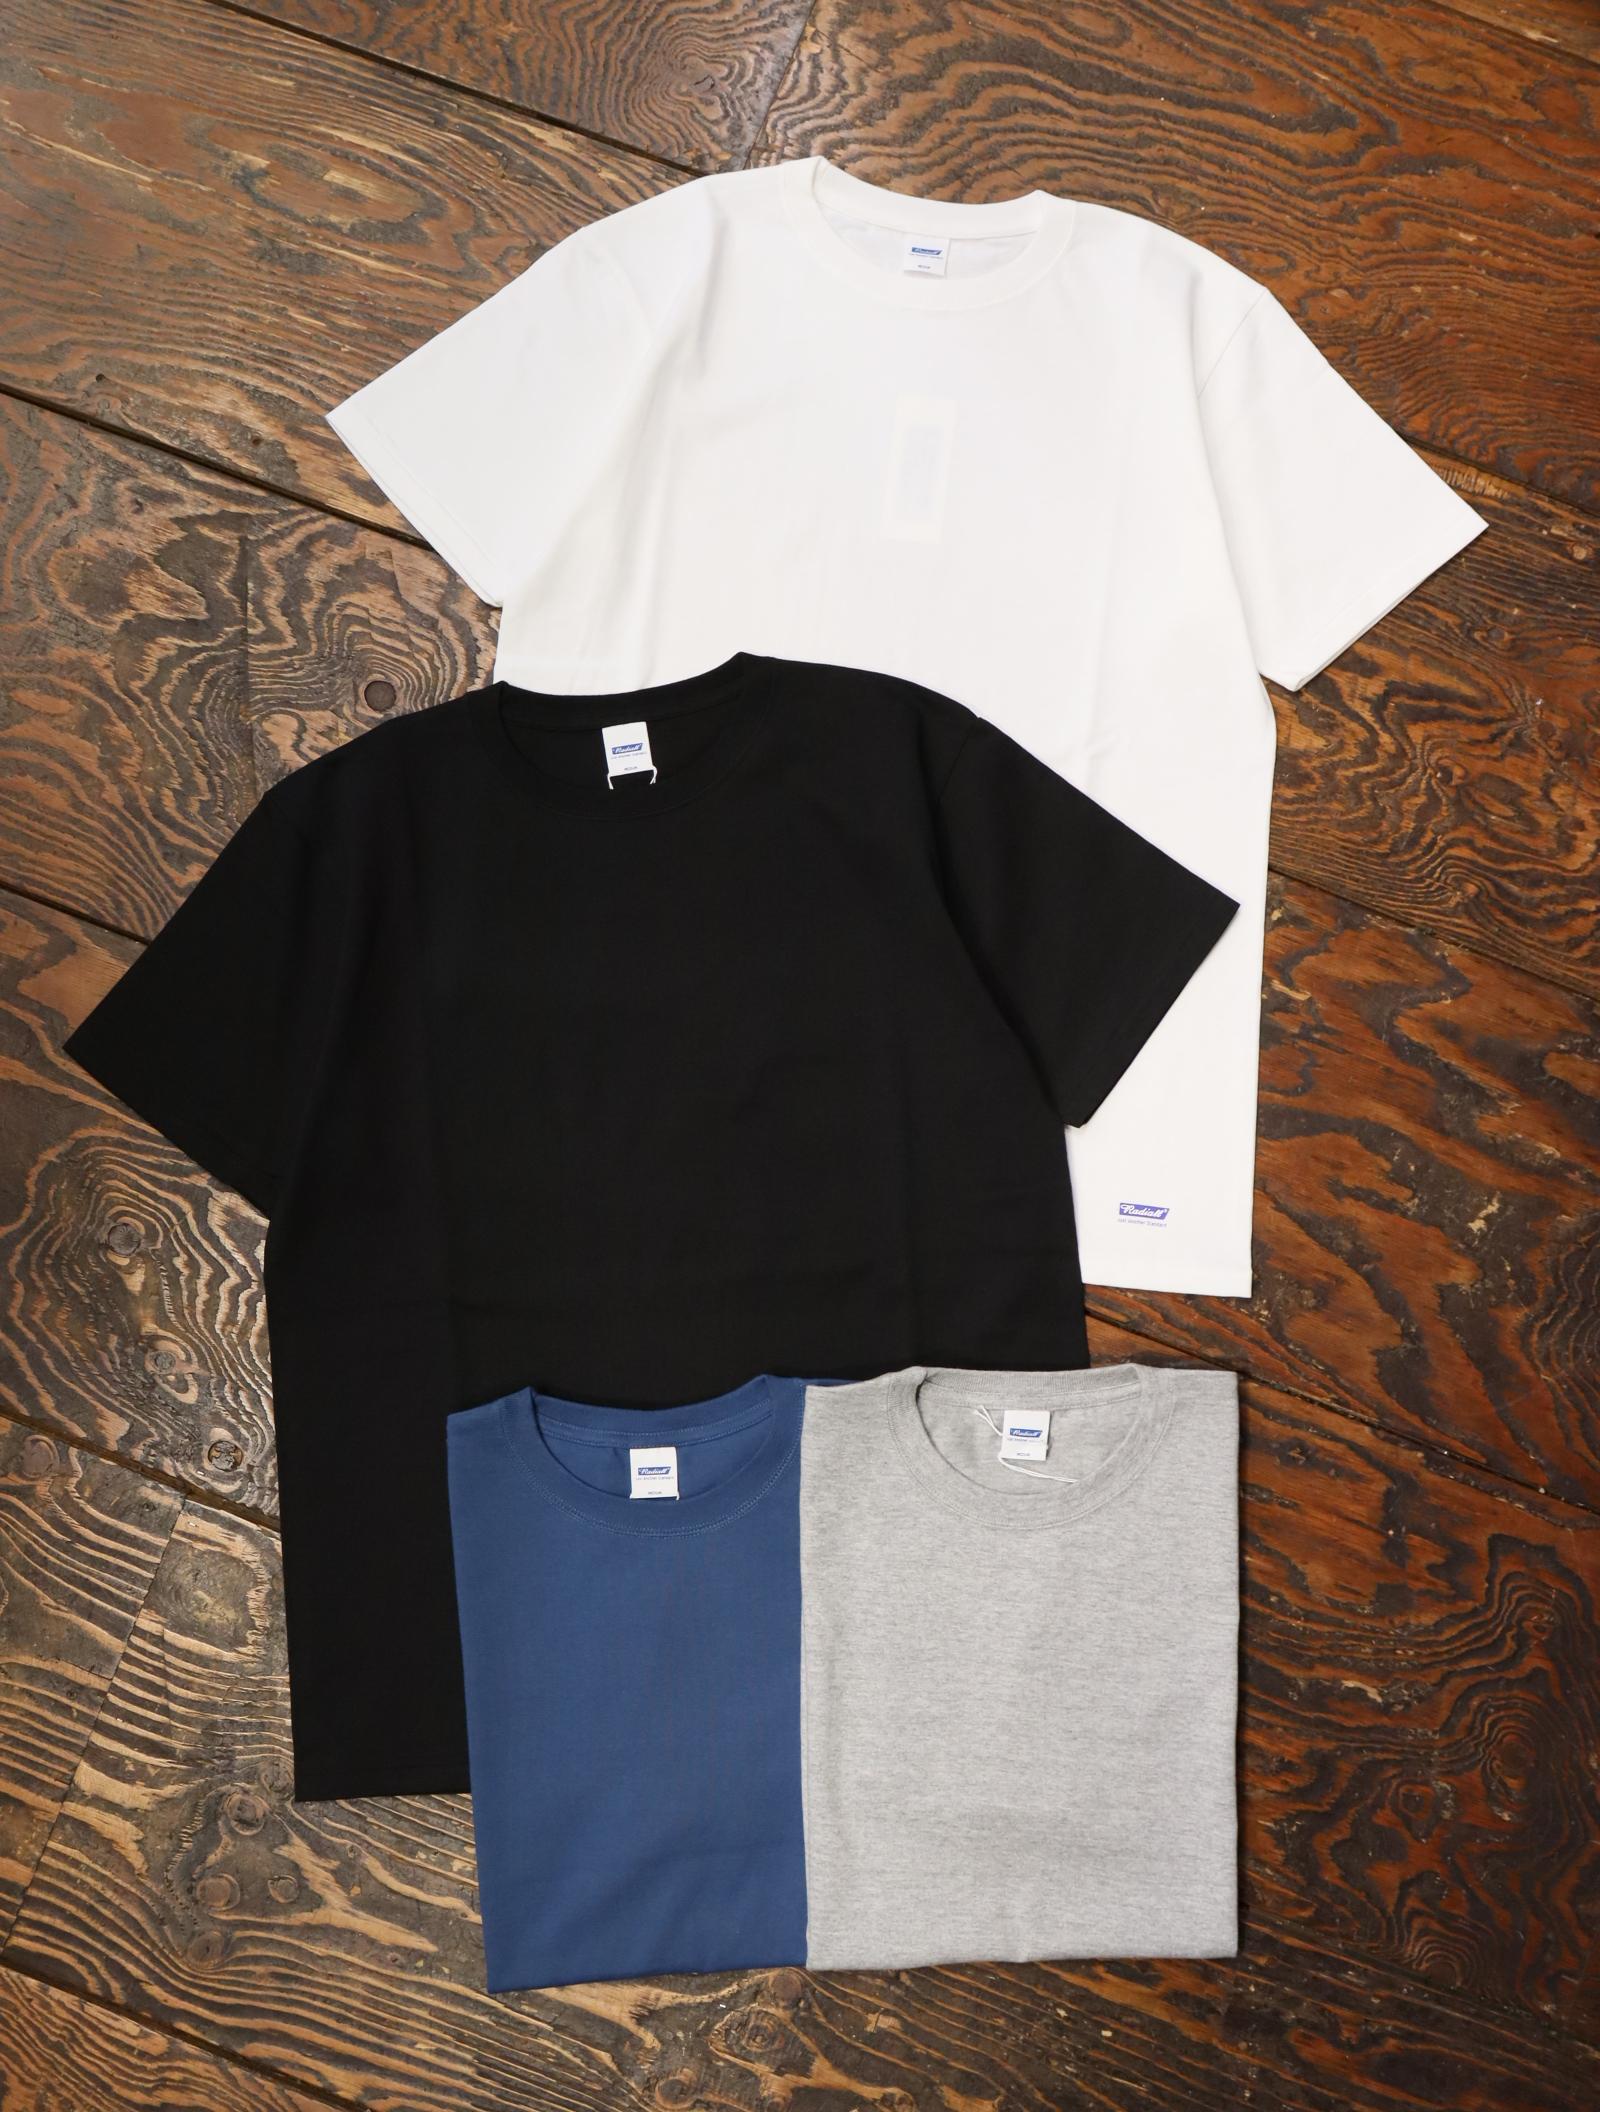 RADIALL  「BASIC - CREW NECK T-SHIRT S/S」  クルーネックティーシャツ